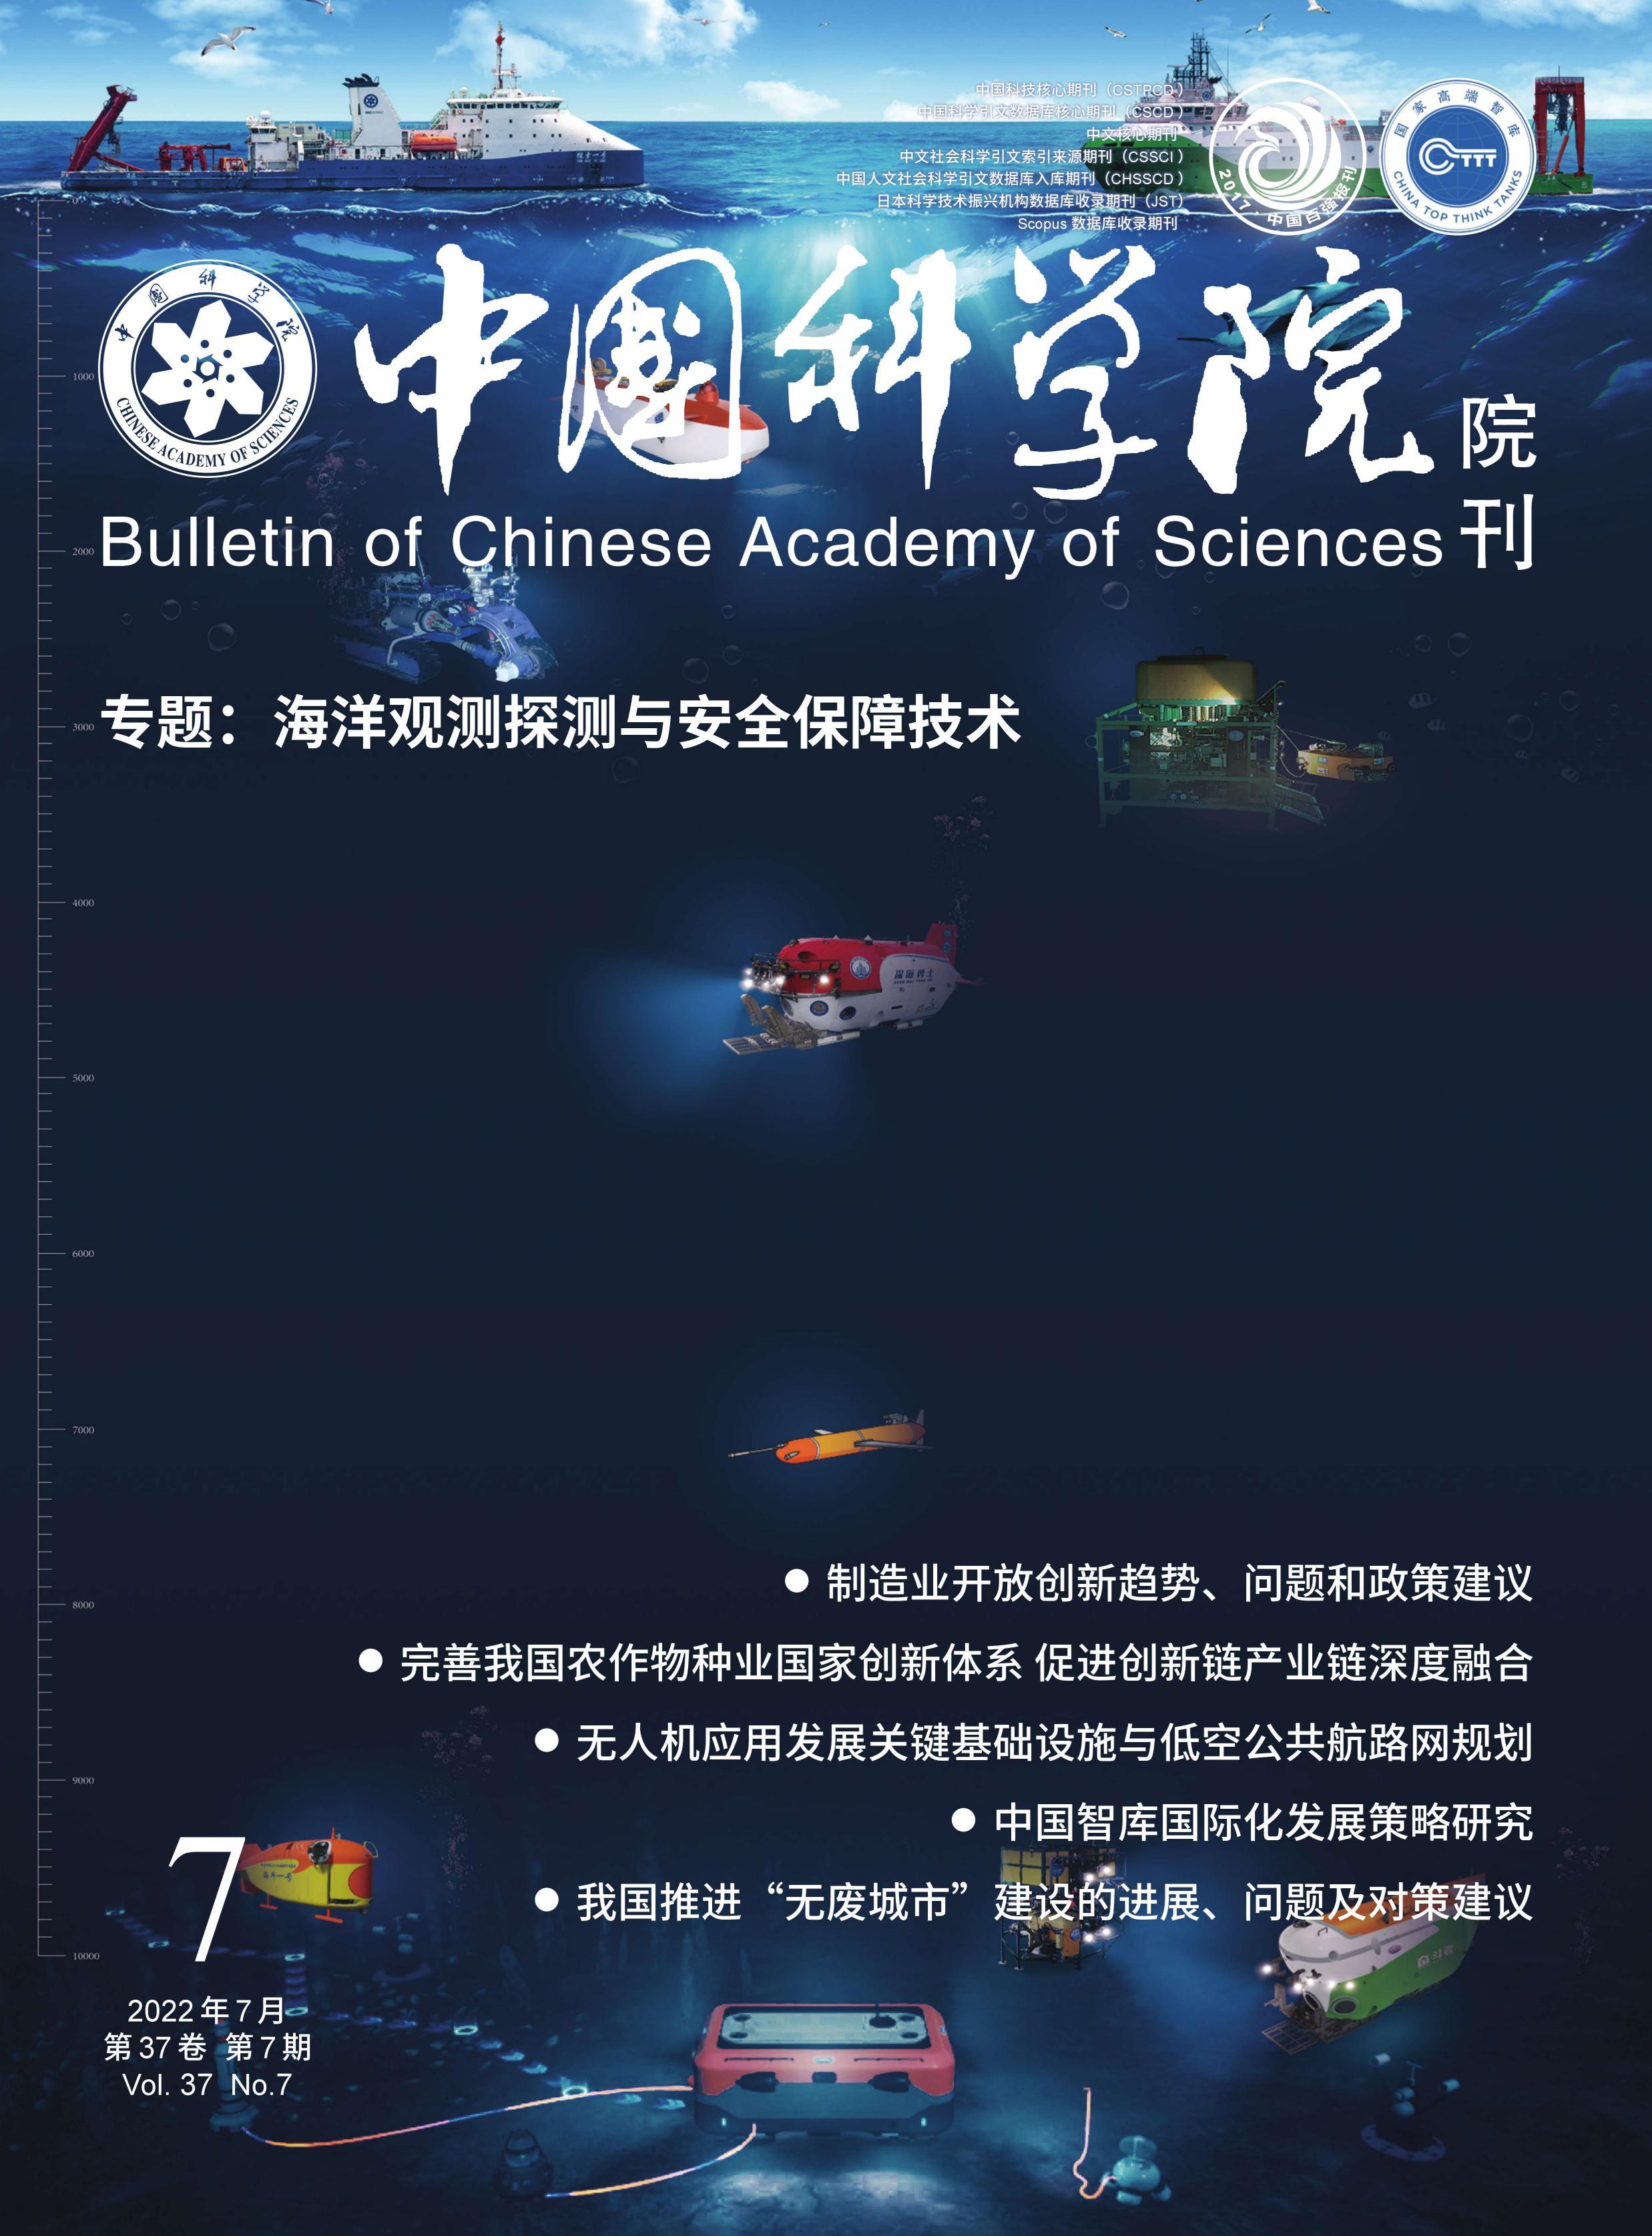 中国科学院院刊